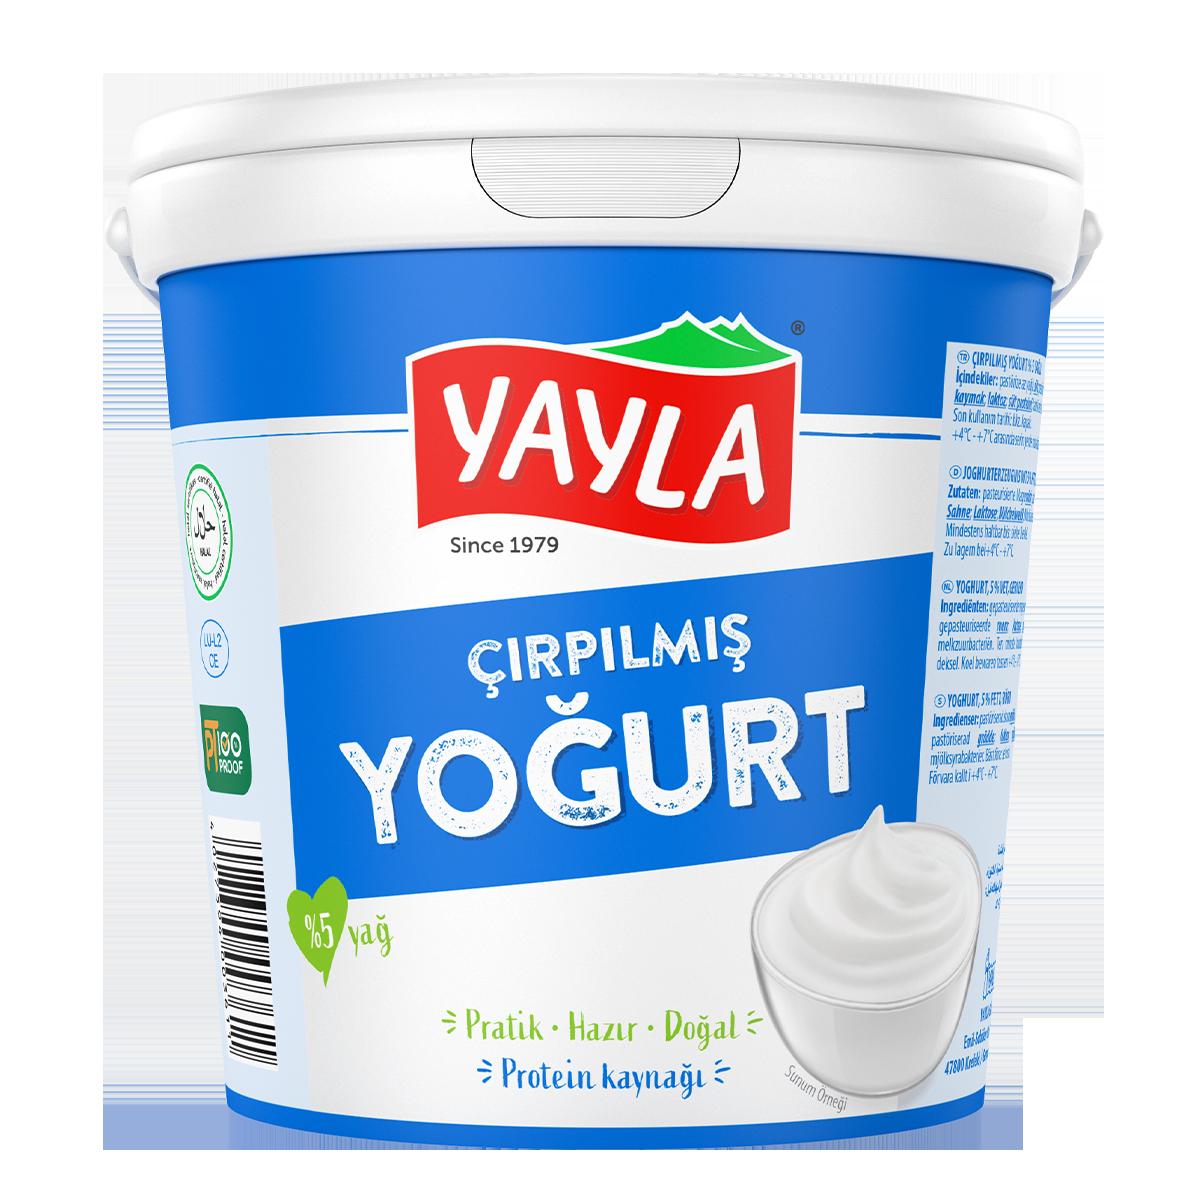 Joghurt, gerührt (5% Fett)